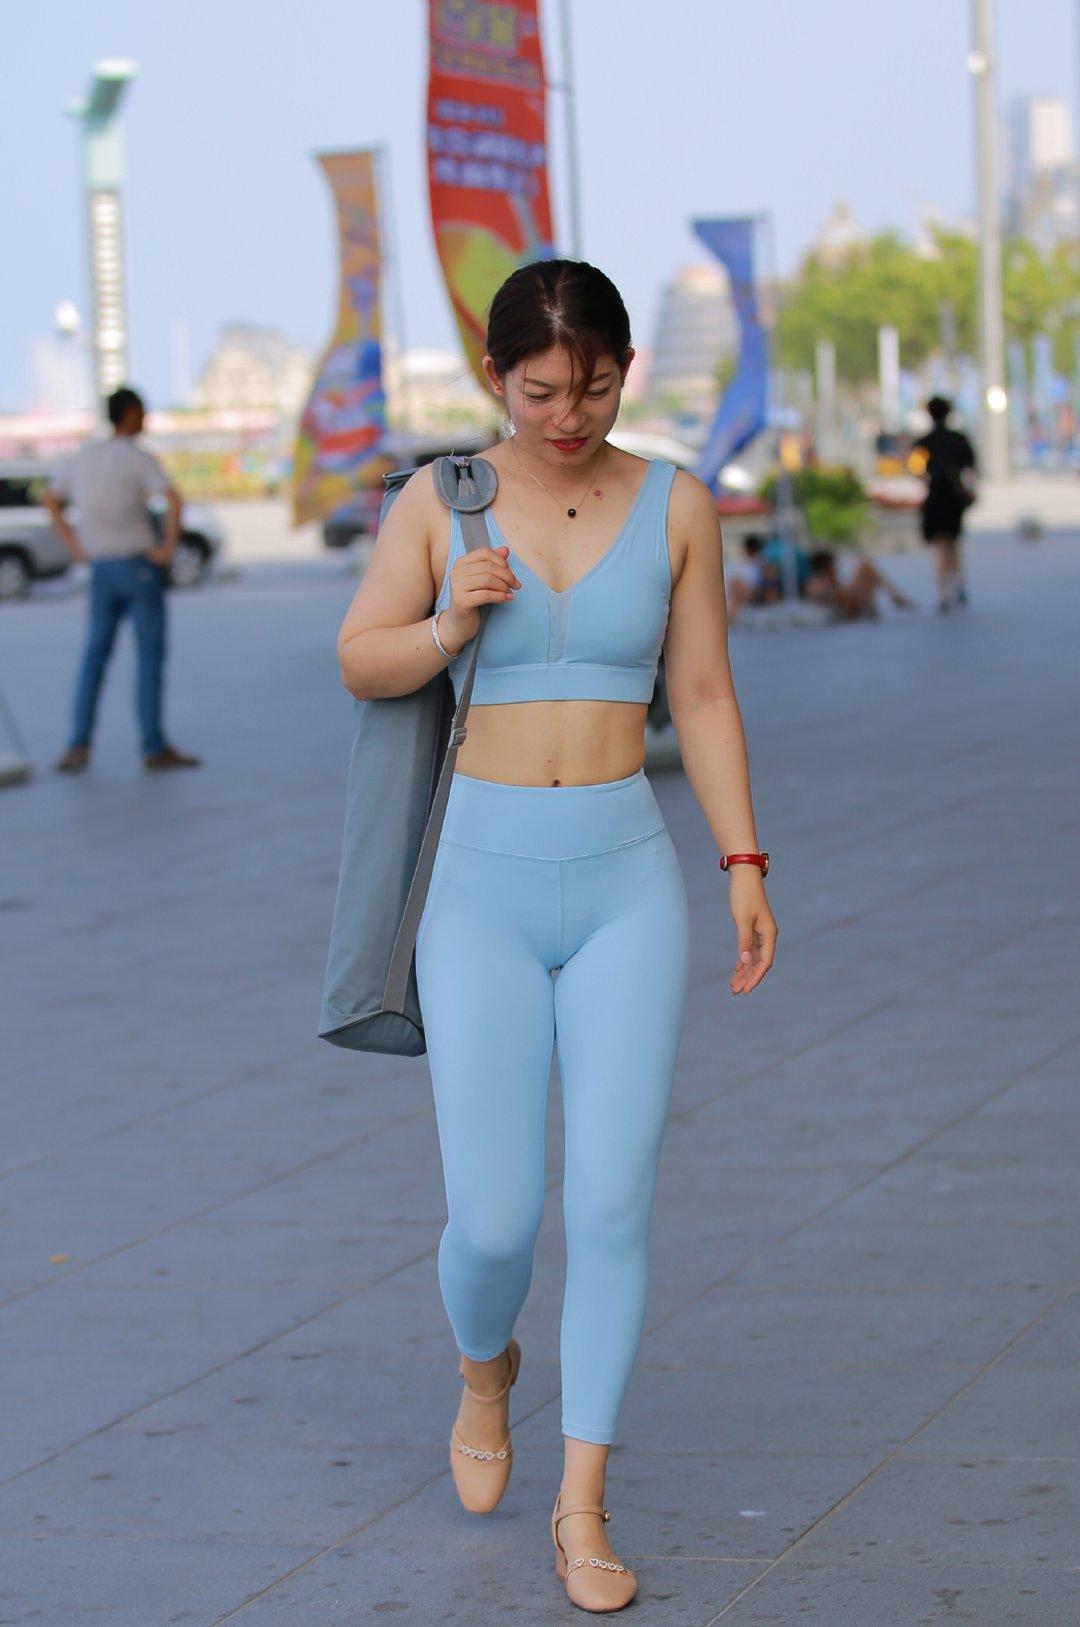 大屁股微胖瑜伽少妇街拍图:打飞专用的熟妇图片